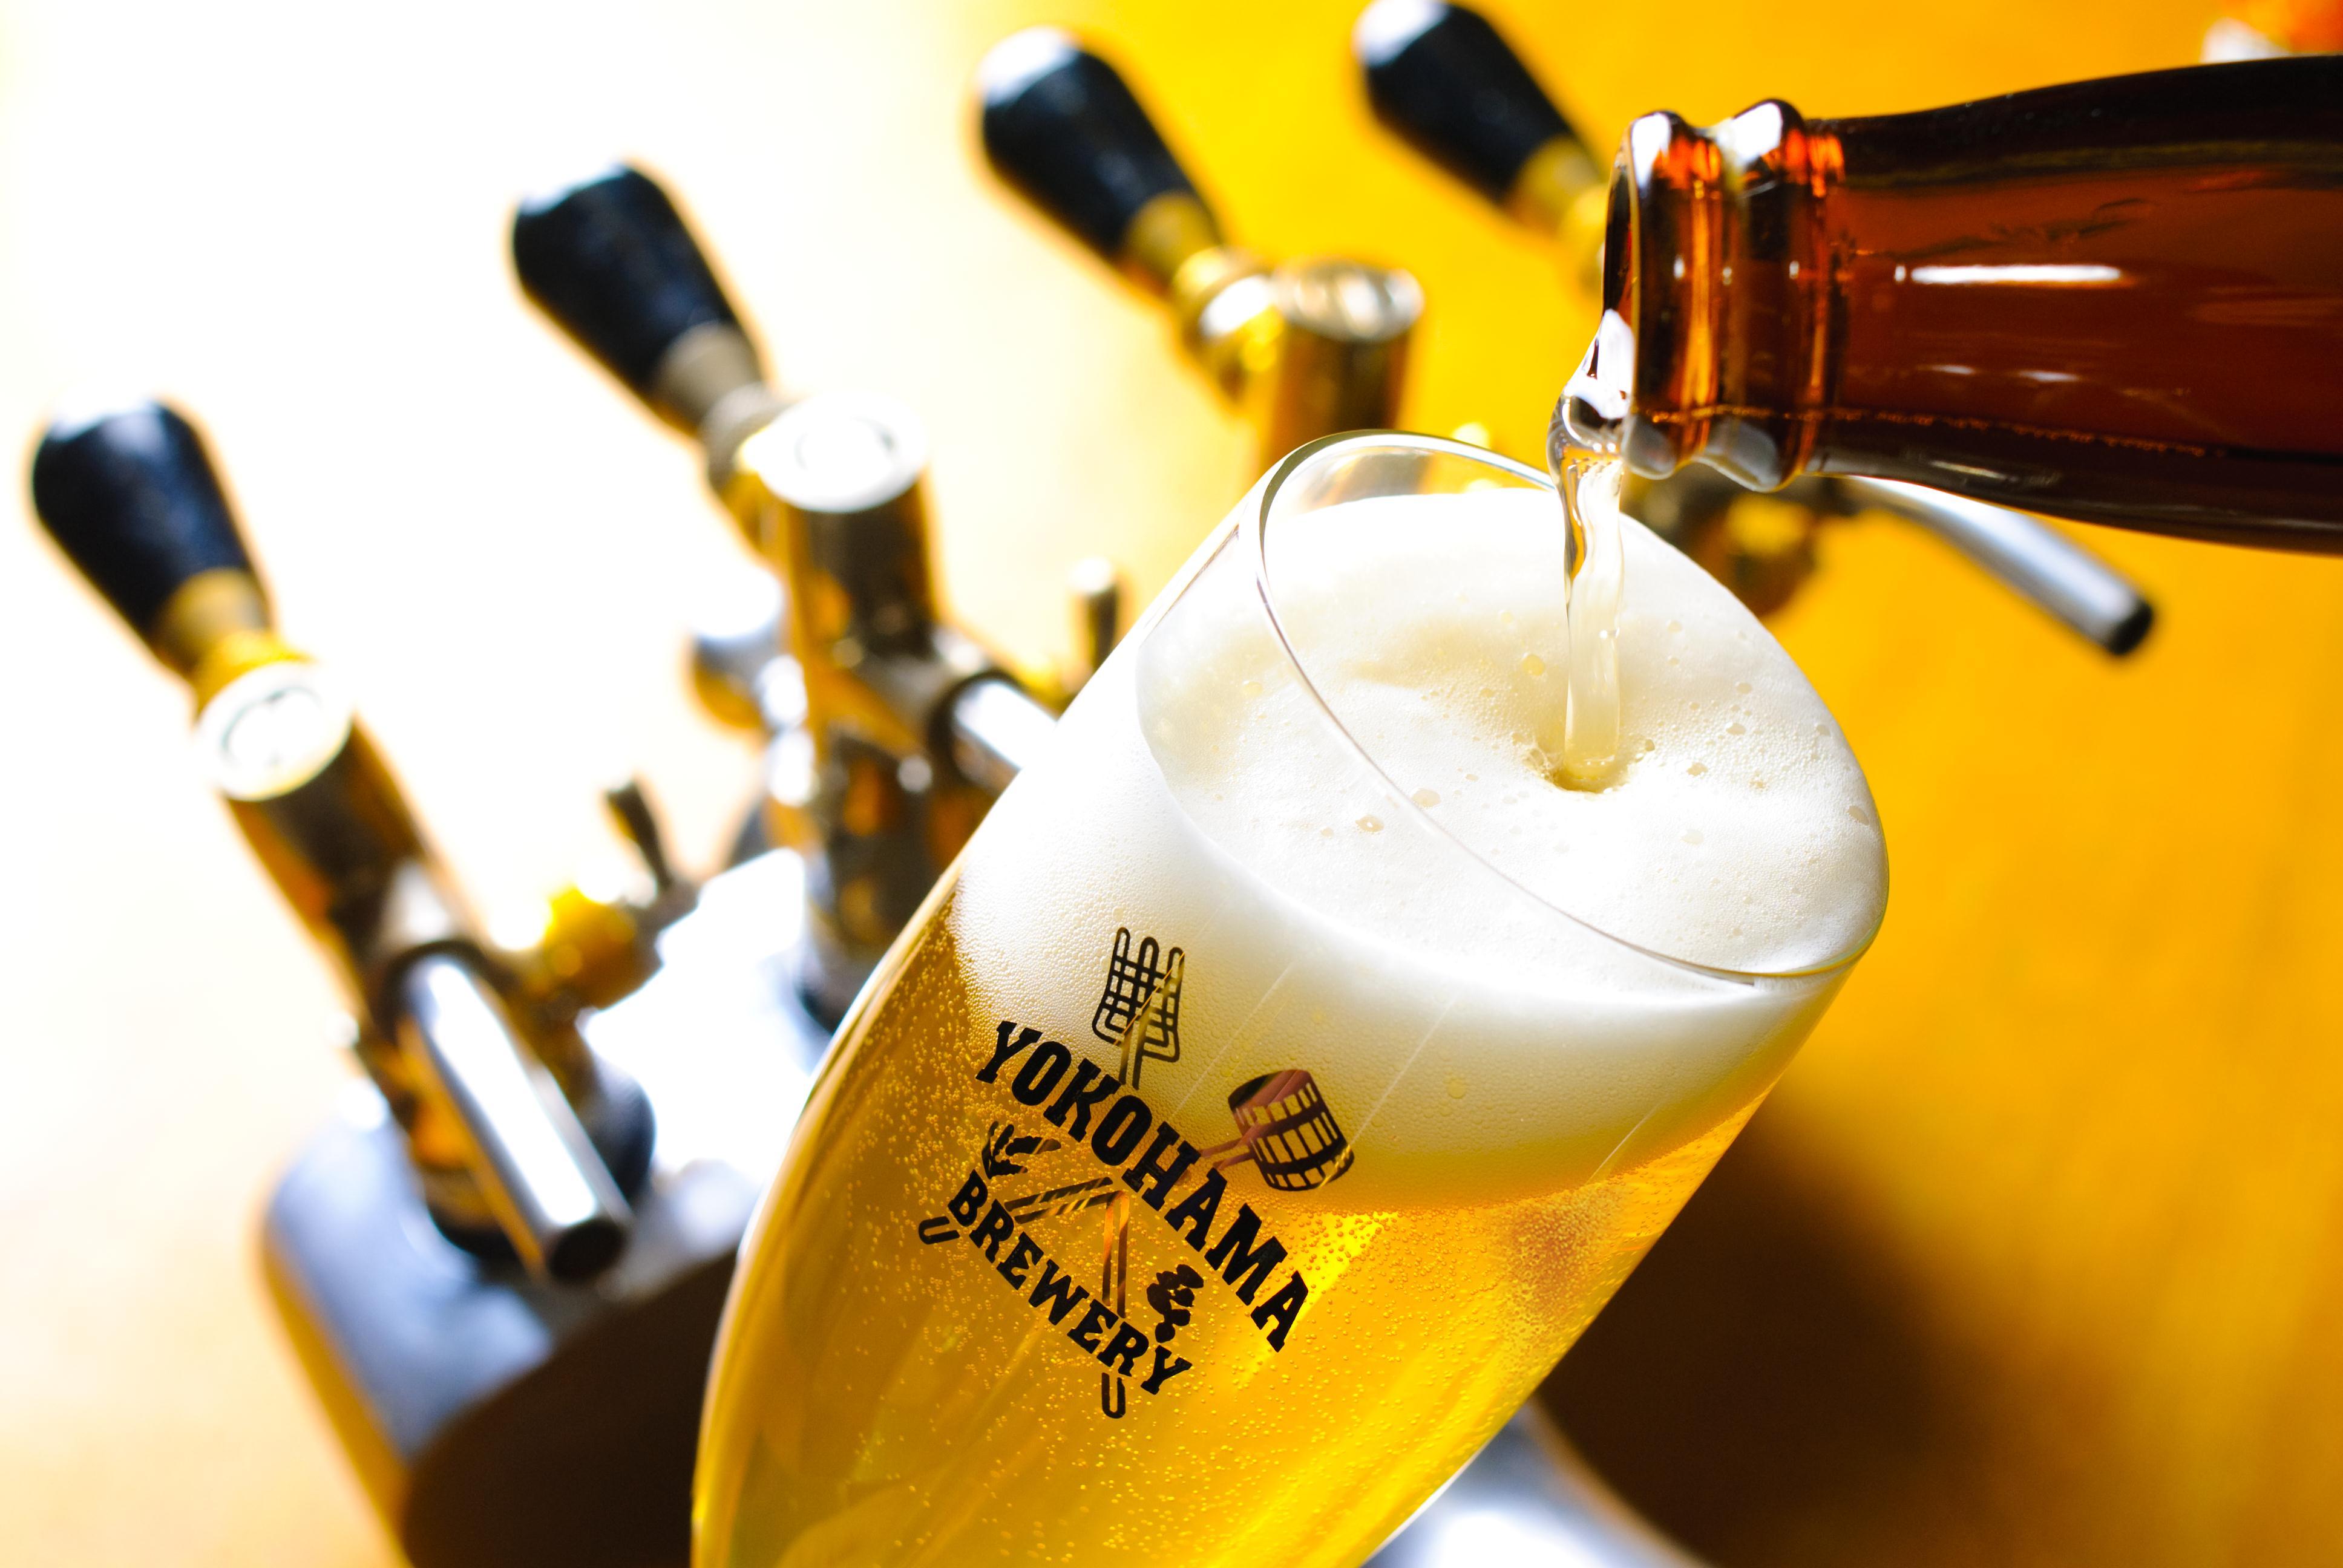 ビール×アート×音楽の世界に酔いしれる週末を。―横浜『YOKOHAMA BEER CRAFT FUSION』開催